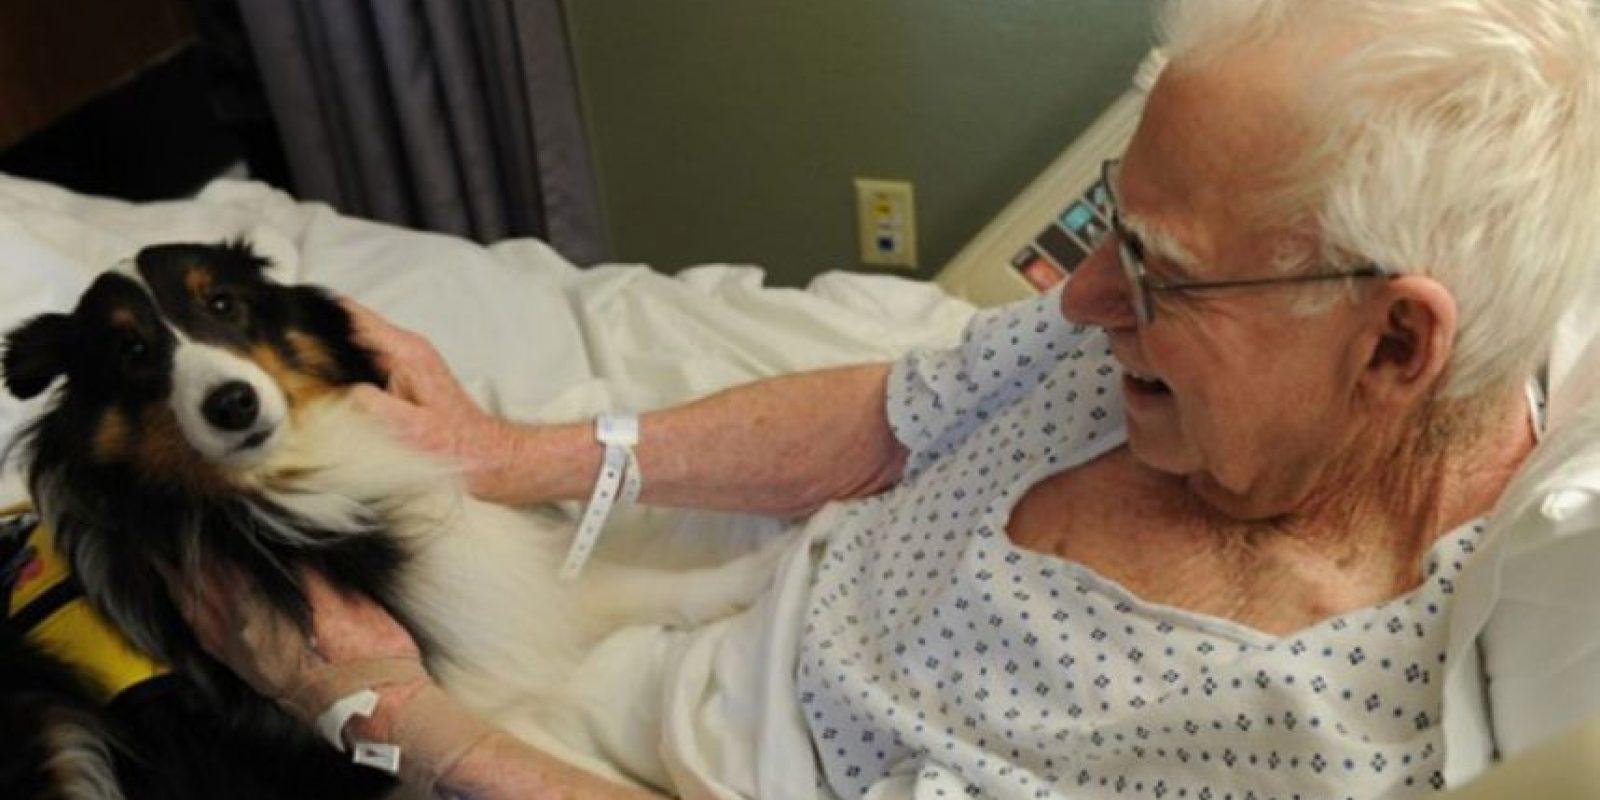 Es por eso que después de unos poco minutos juntos, los pacientes se relajan. Foto:zacharyspawsforhealing.com/